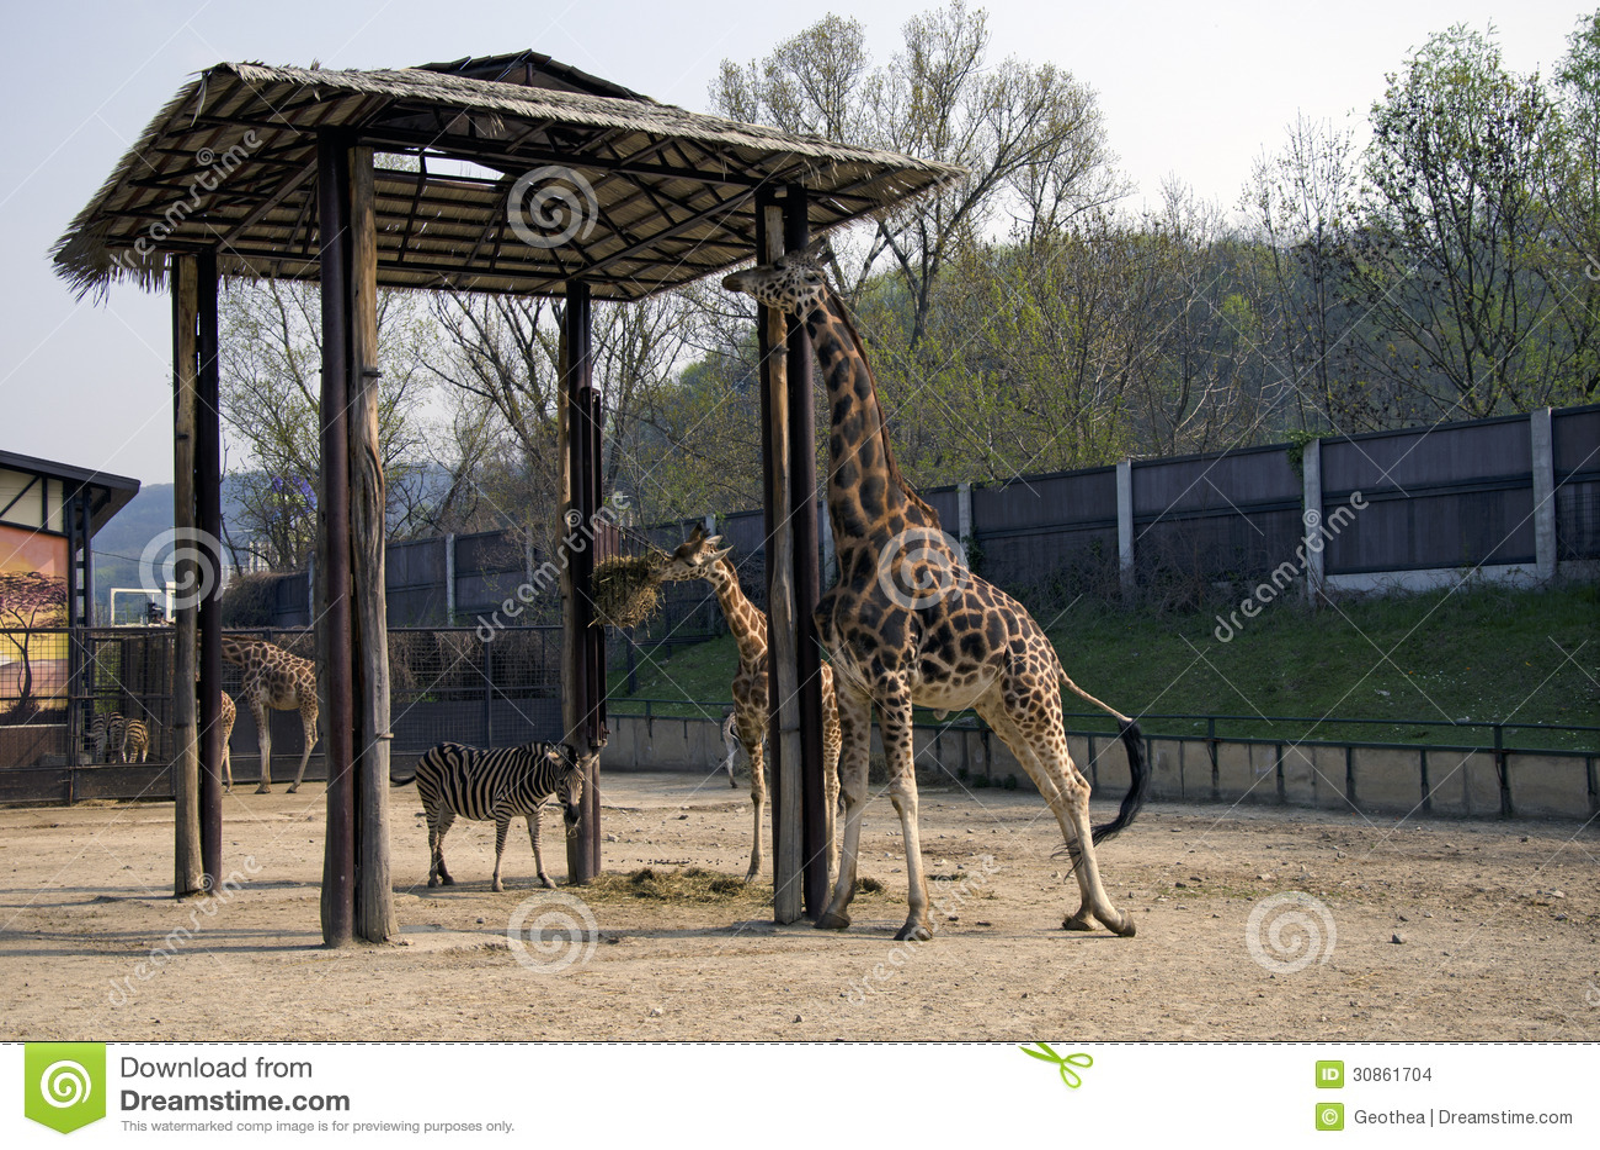 Giraffe And Zebra In Zoo Bratislava Stock Images